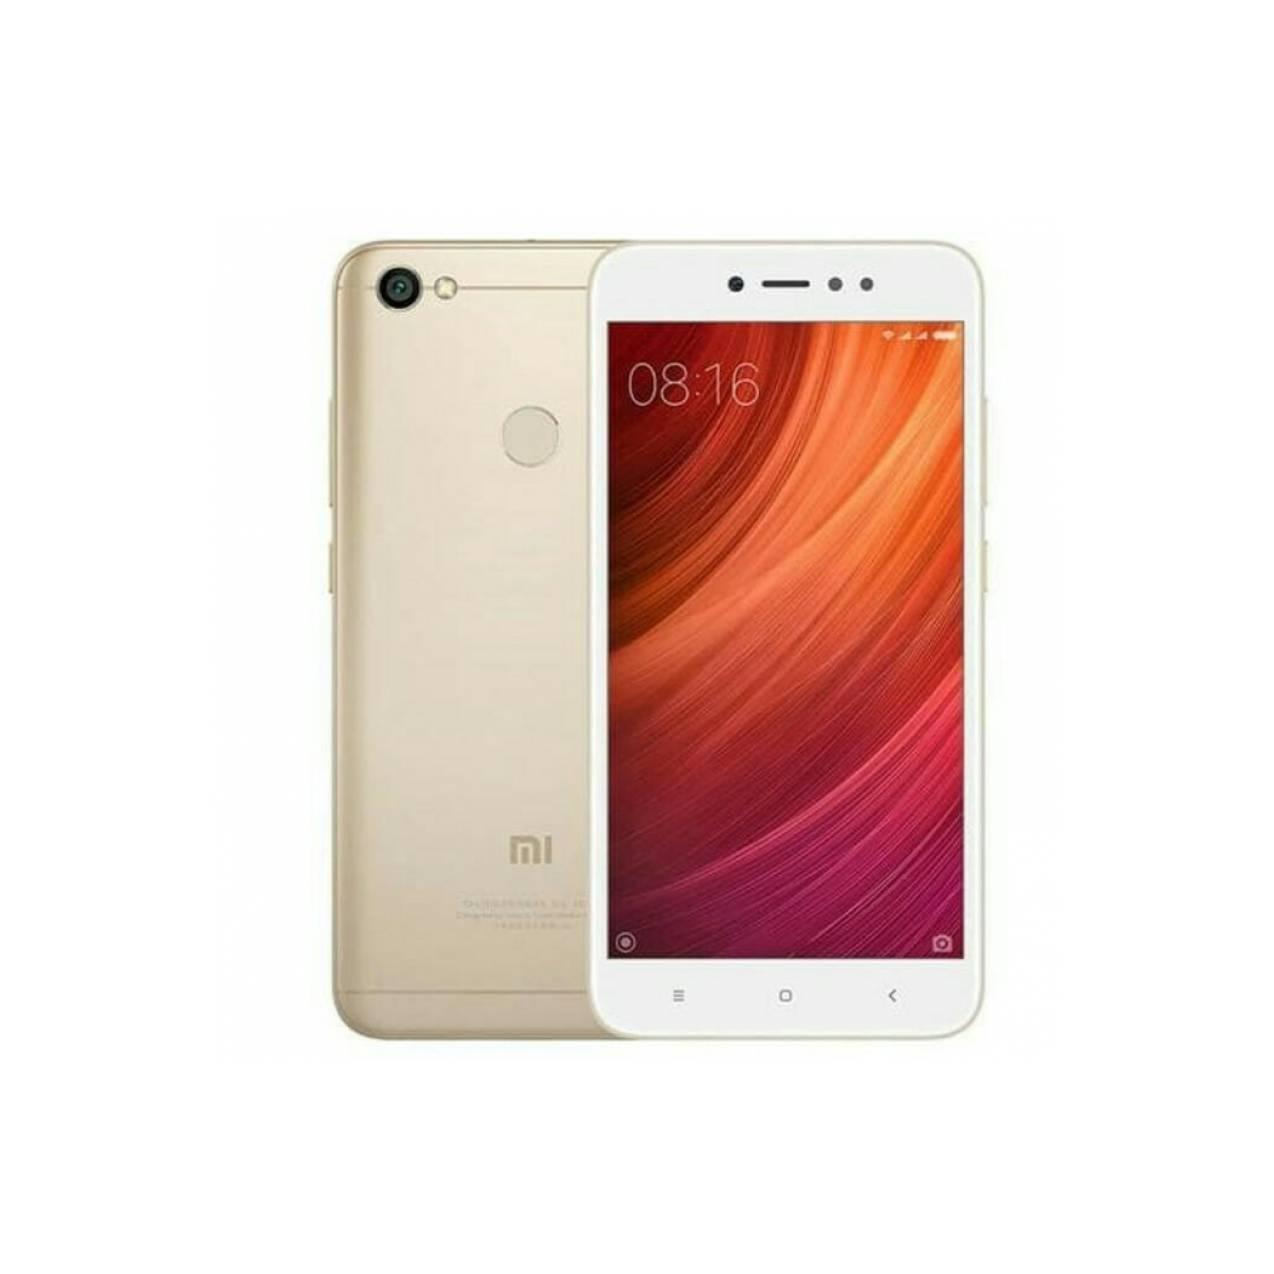 HP XIAOMI REDMI NOTE 5A 4/64 GB (MI 5A 4/64) - GOLD DAN GREY  - 820ee8c832f14b62790cdd035558f811 - Update Harga Terbaru Hp Xiaomi Mi5 Gsmarena Agustus 2018